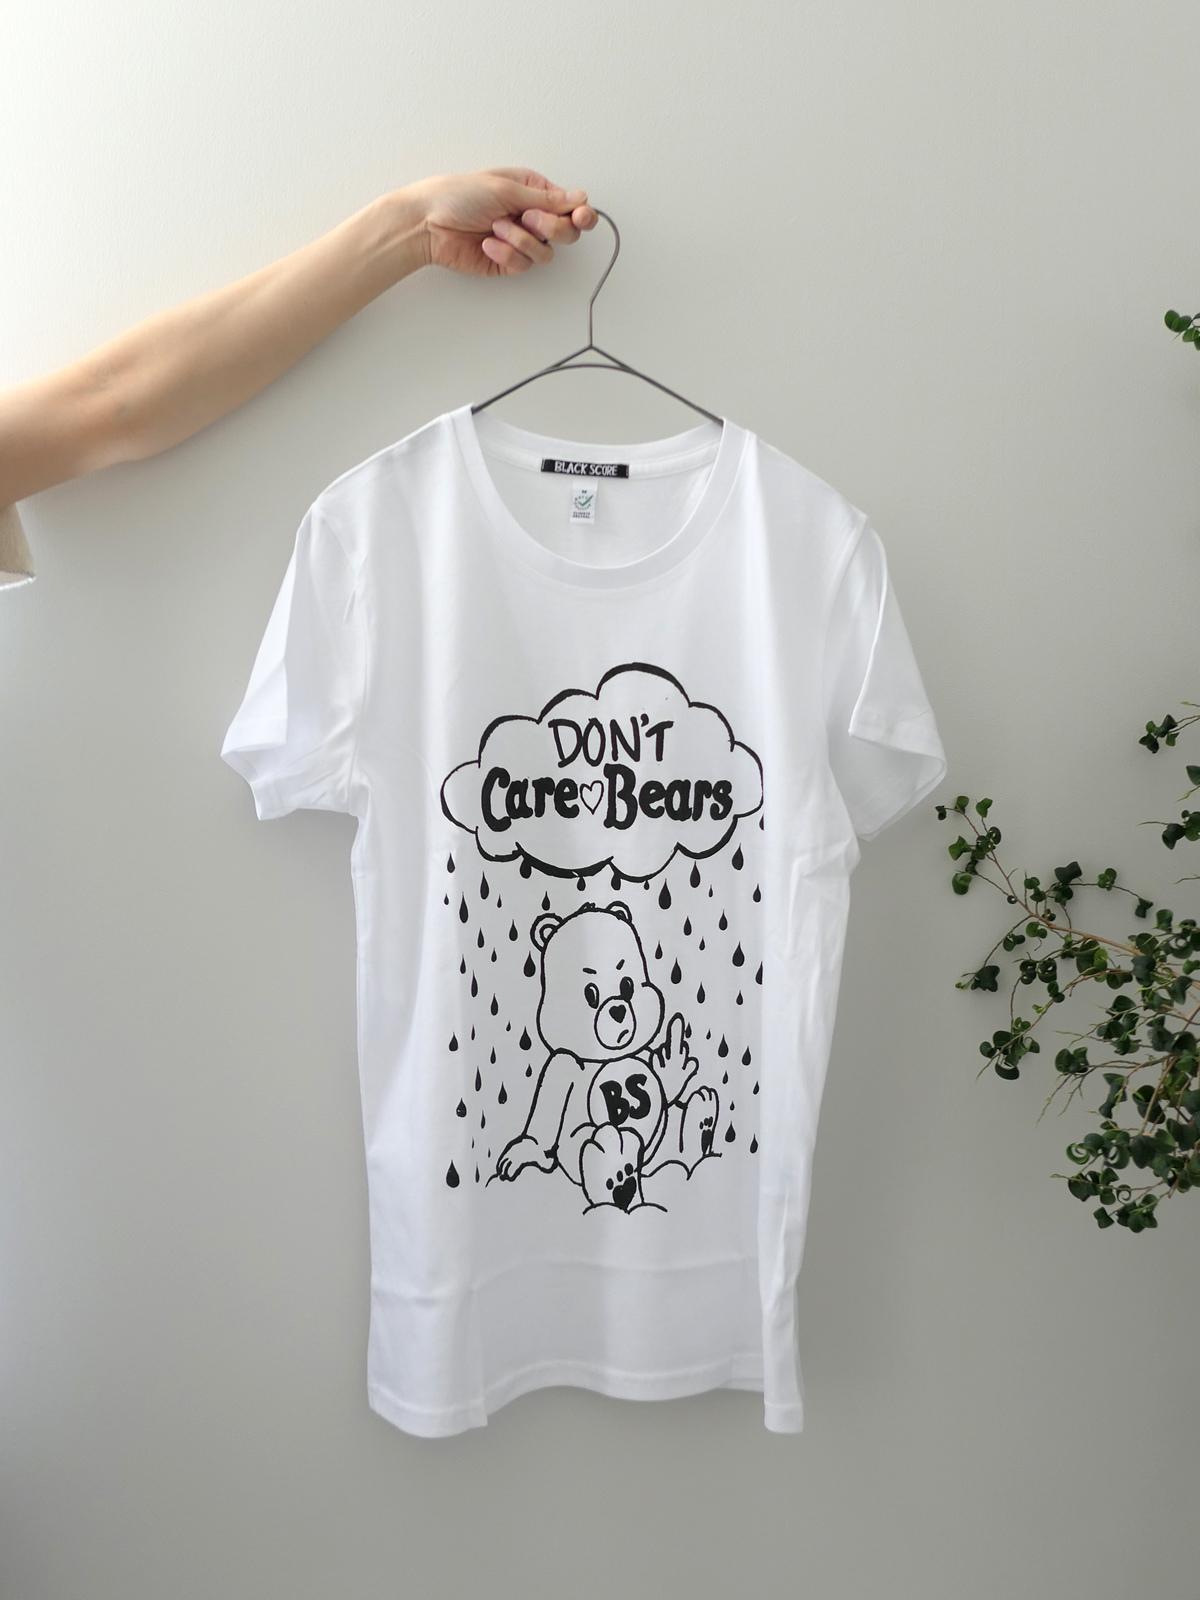 Black Score の Tシャツが入荷いたしました!_c0176078_16514689.jpg